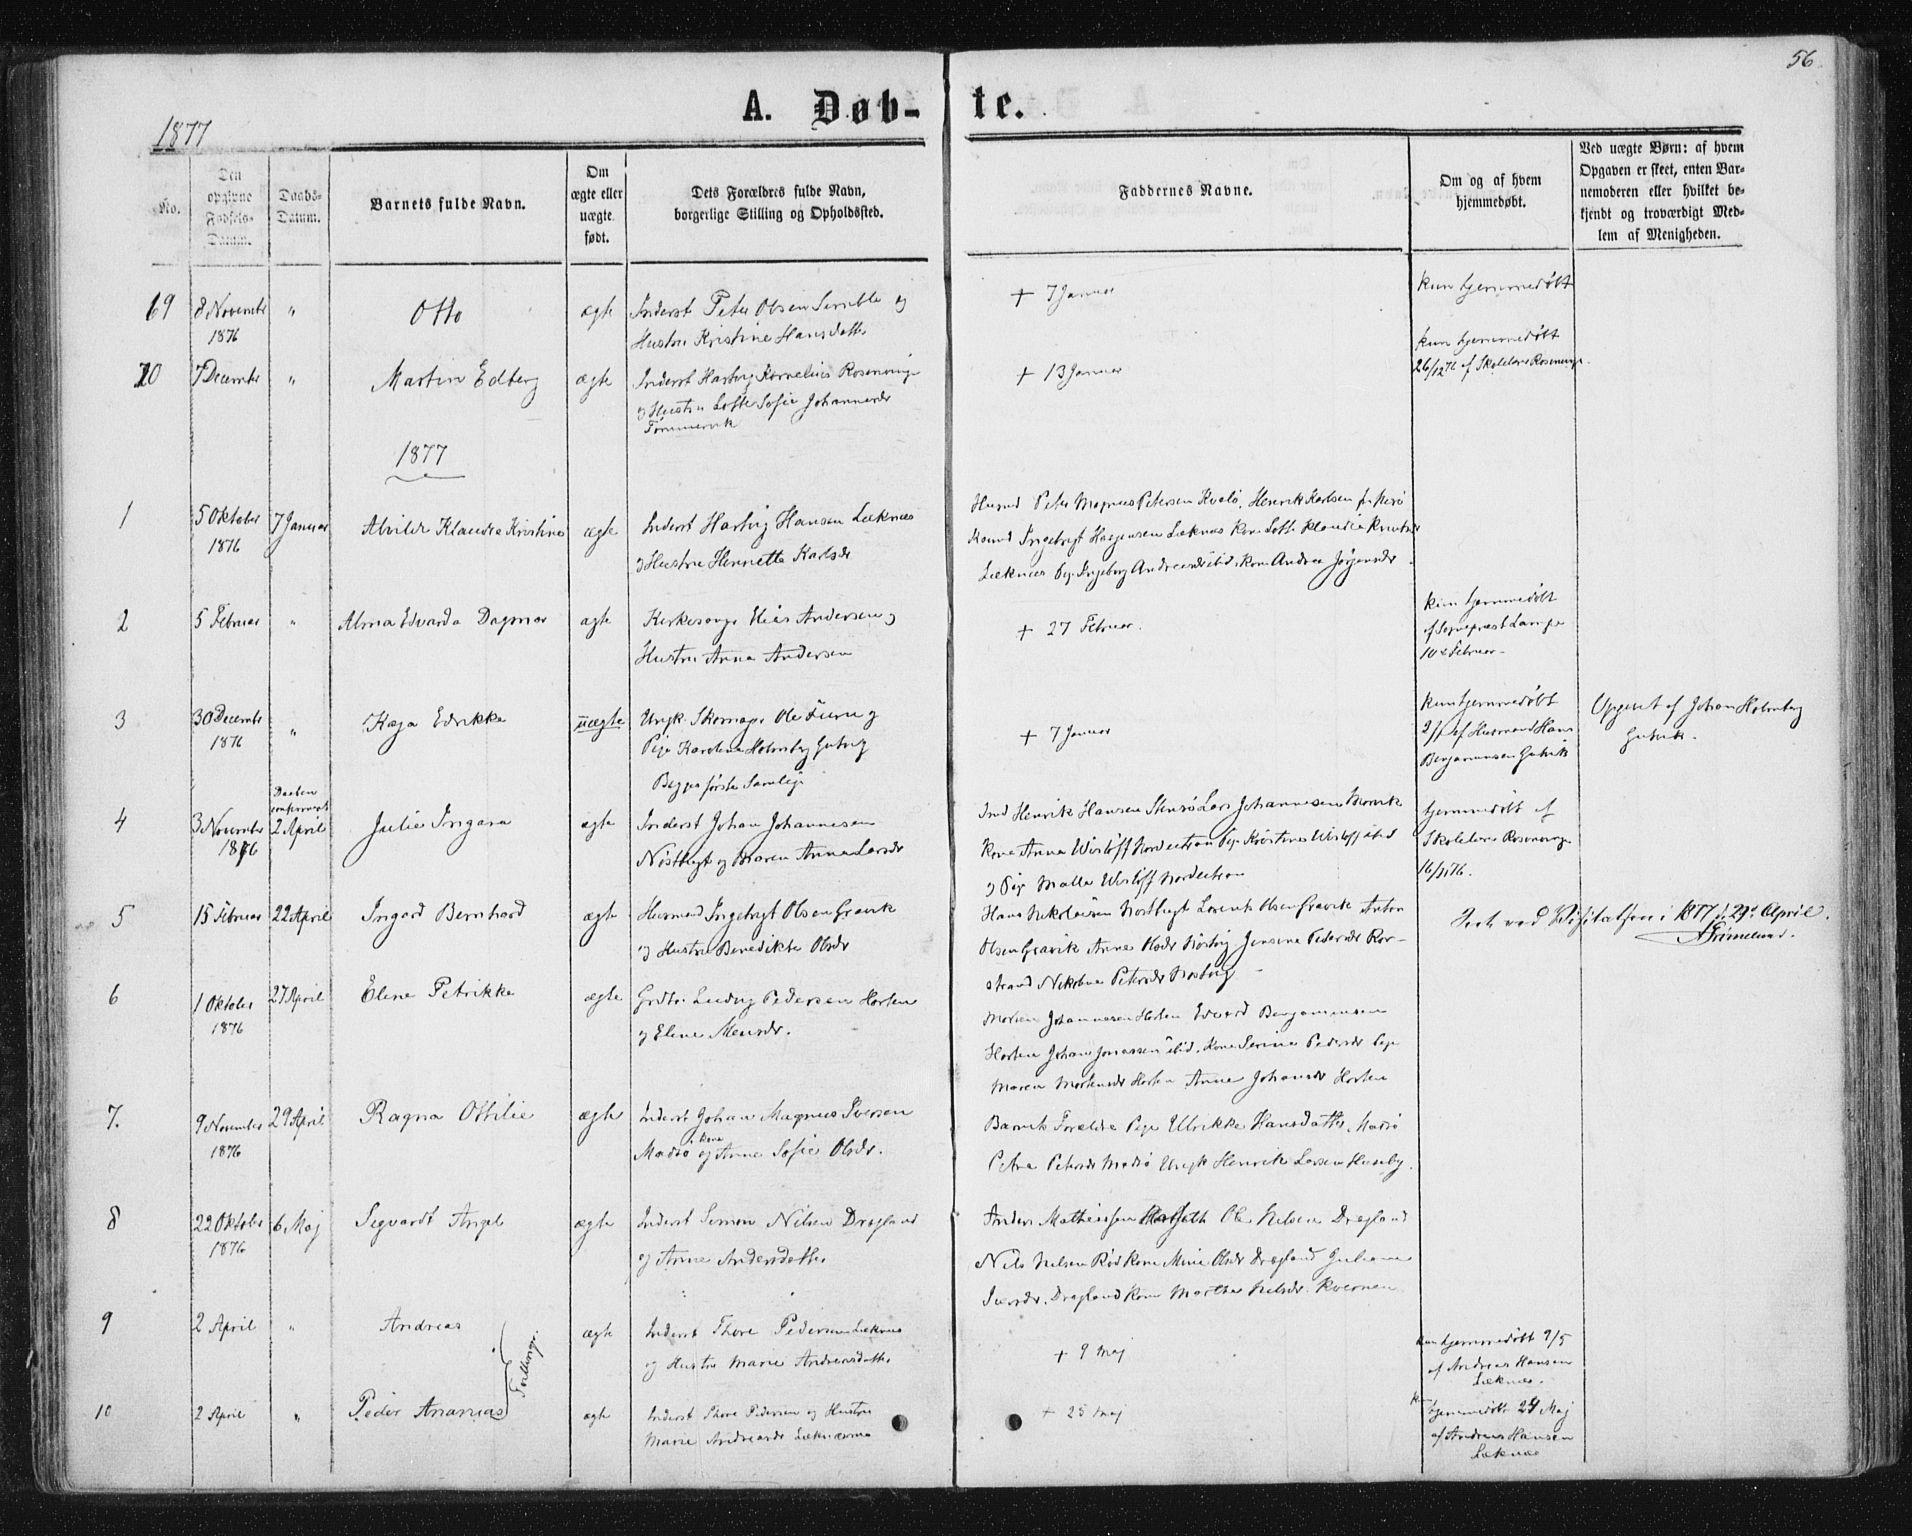 SAT, Ministerialprotokoller, klokkerbøker og fødselsregistre - Nord-Trøndelag, 788/L0696: Ministerialbok nr. 788A03, 1863-1877, s. 56